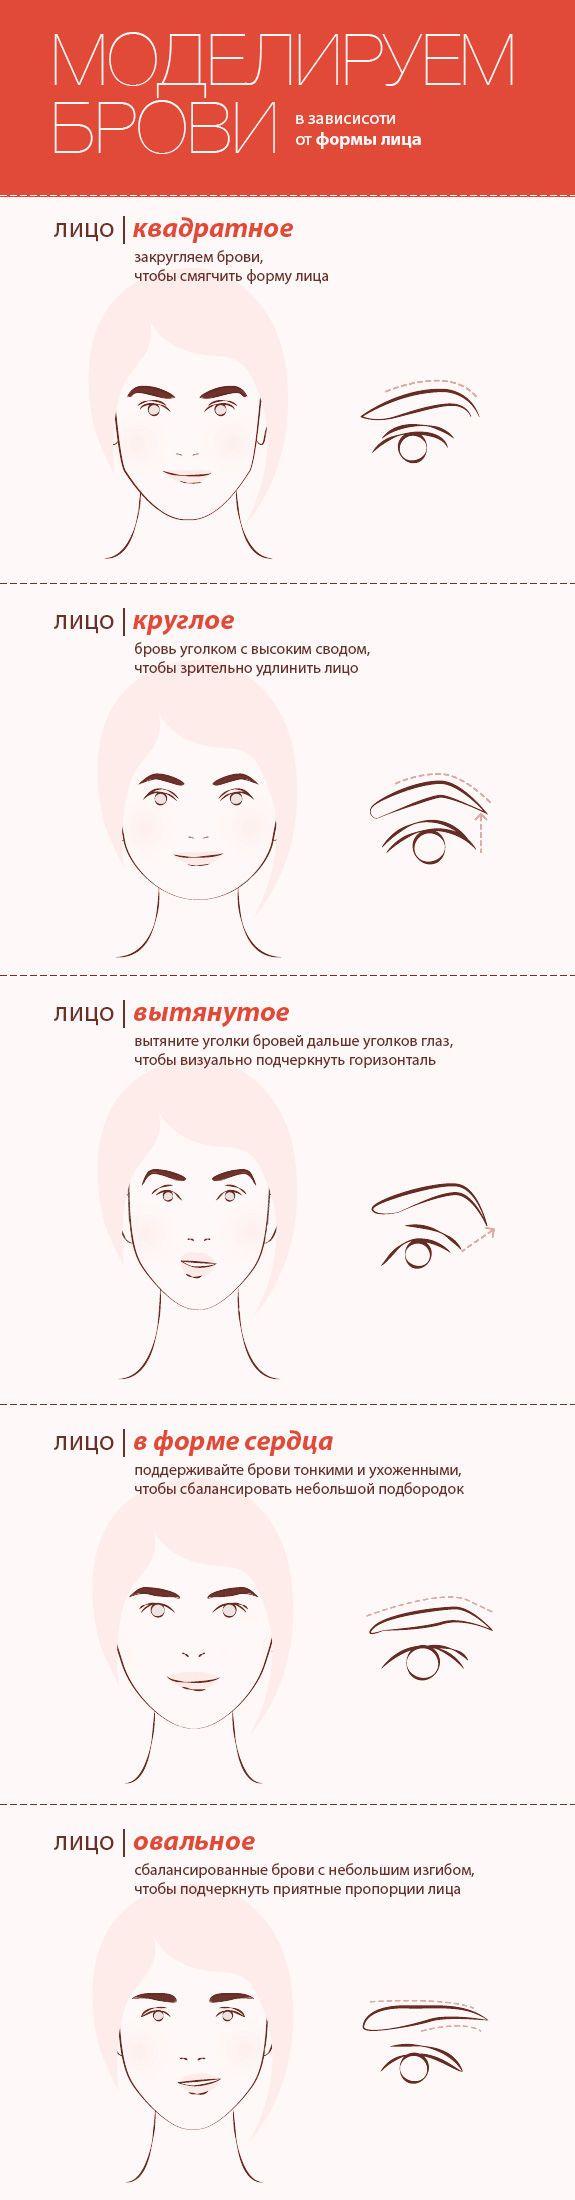 Очень интересная инфографика о том, как с помощью формы бровей подчеркнуть выгодные черты вашего лица! http://www.yapokupayu.ru/blogs/post/infografika-modeliruem-brovi